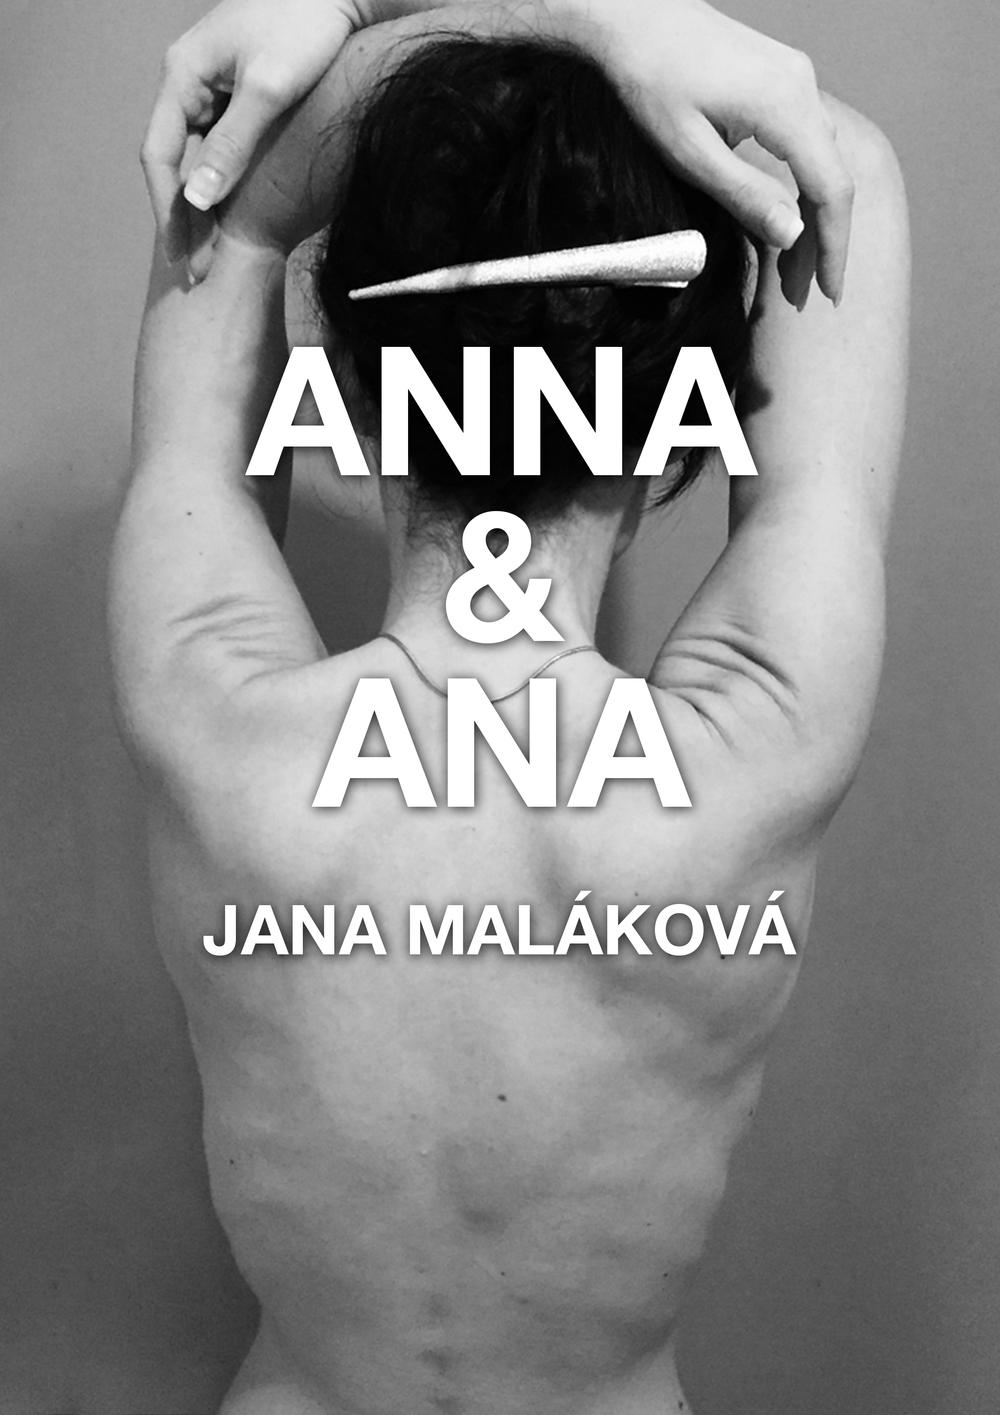 anna_&_ana-jana-malakova